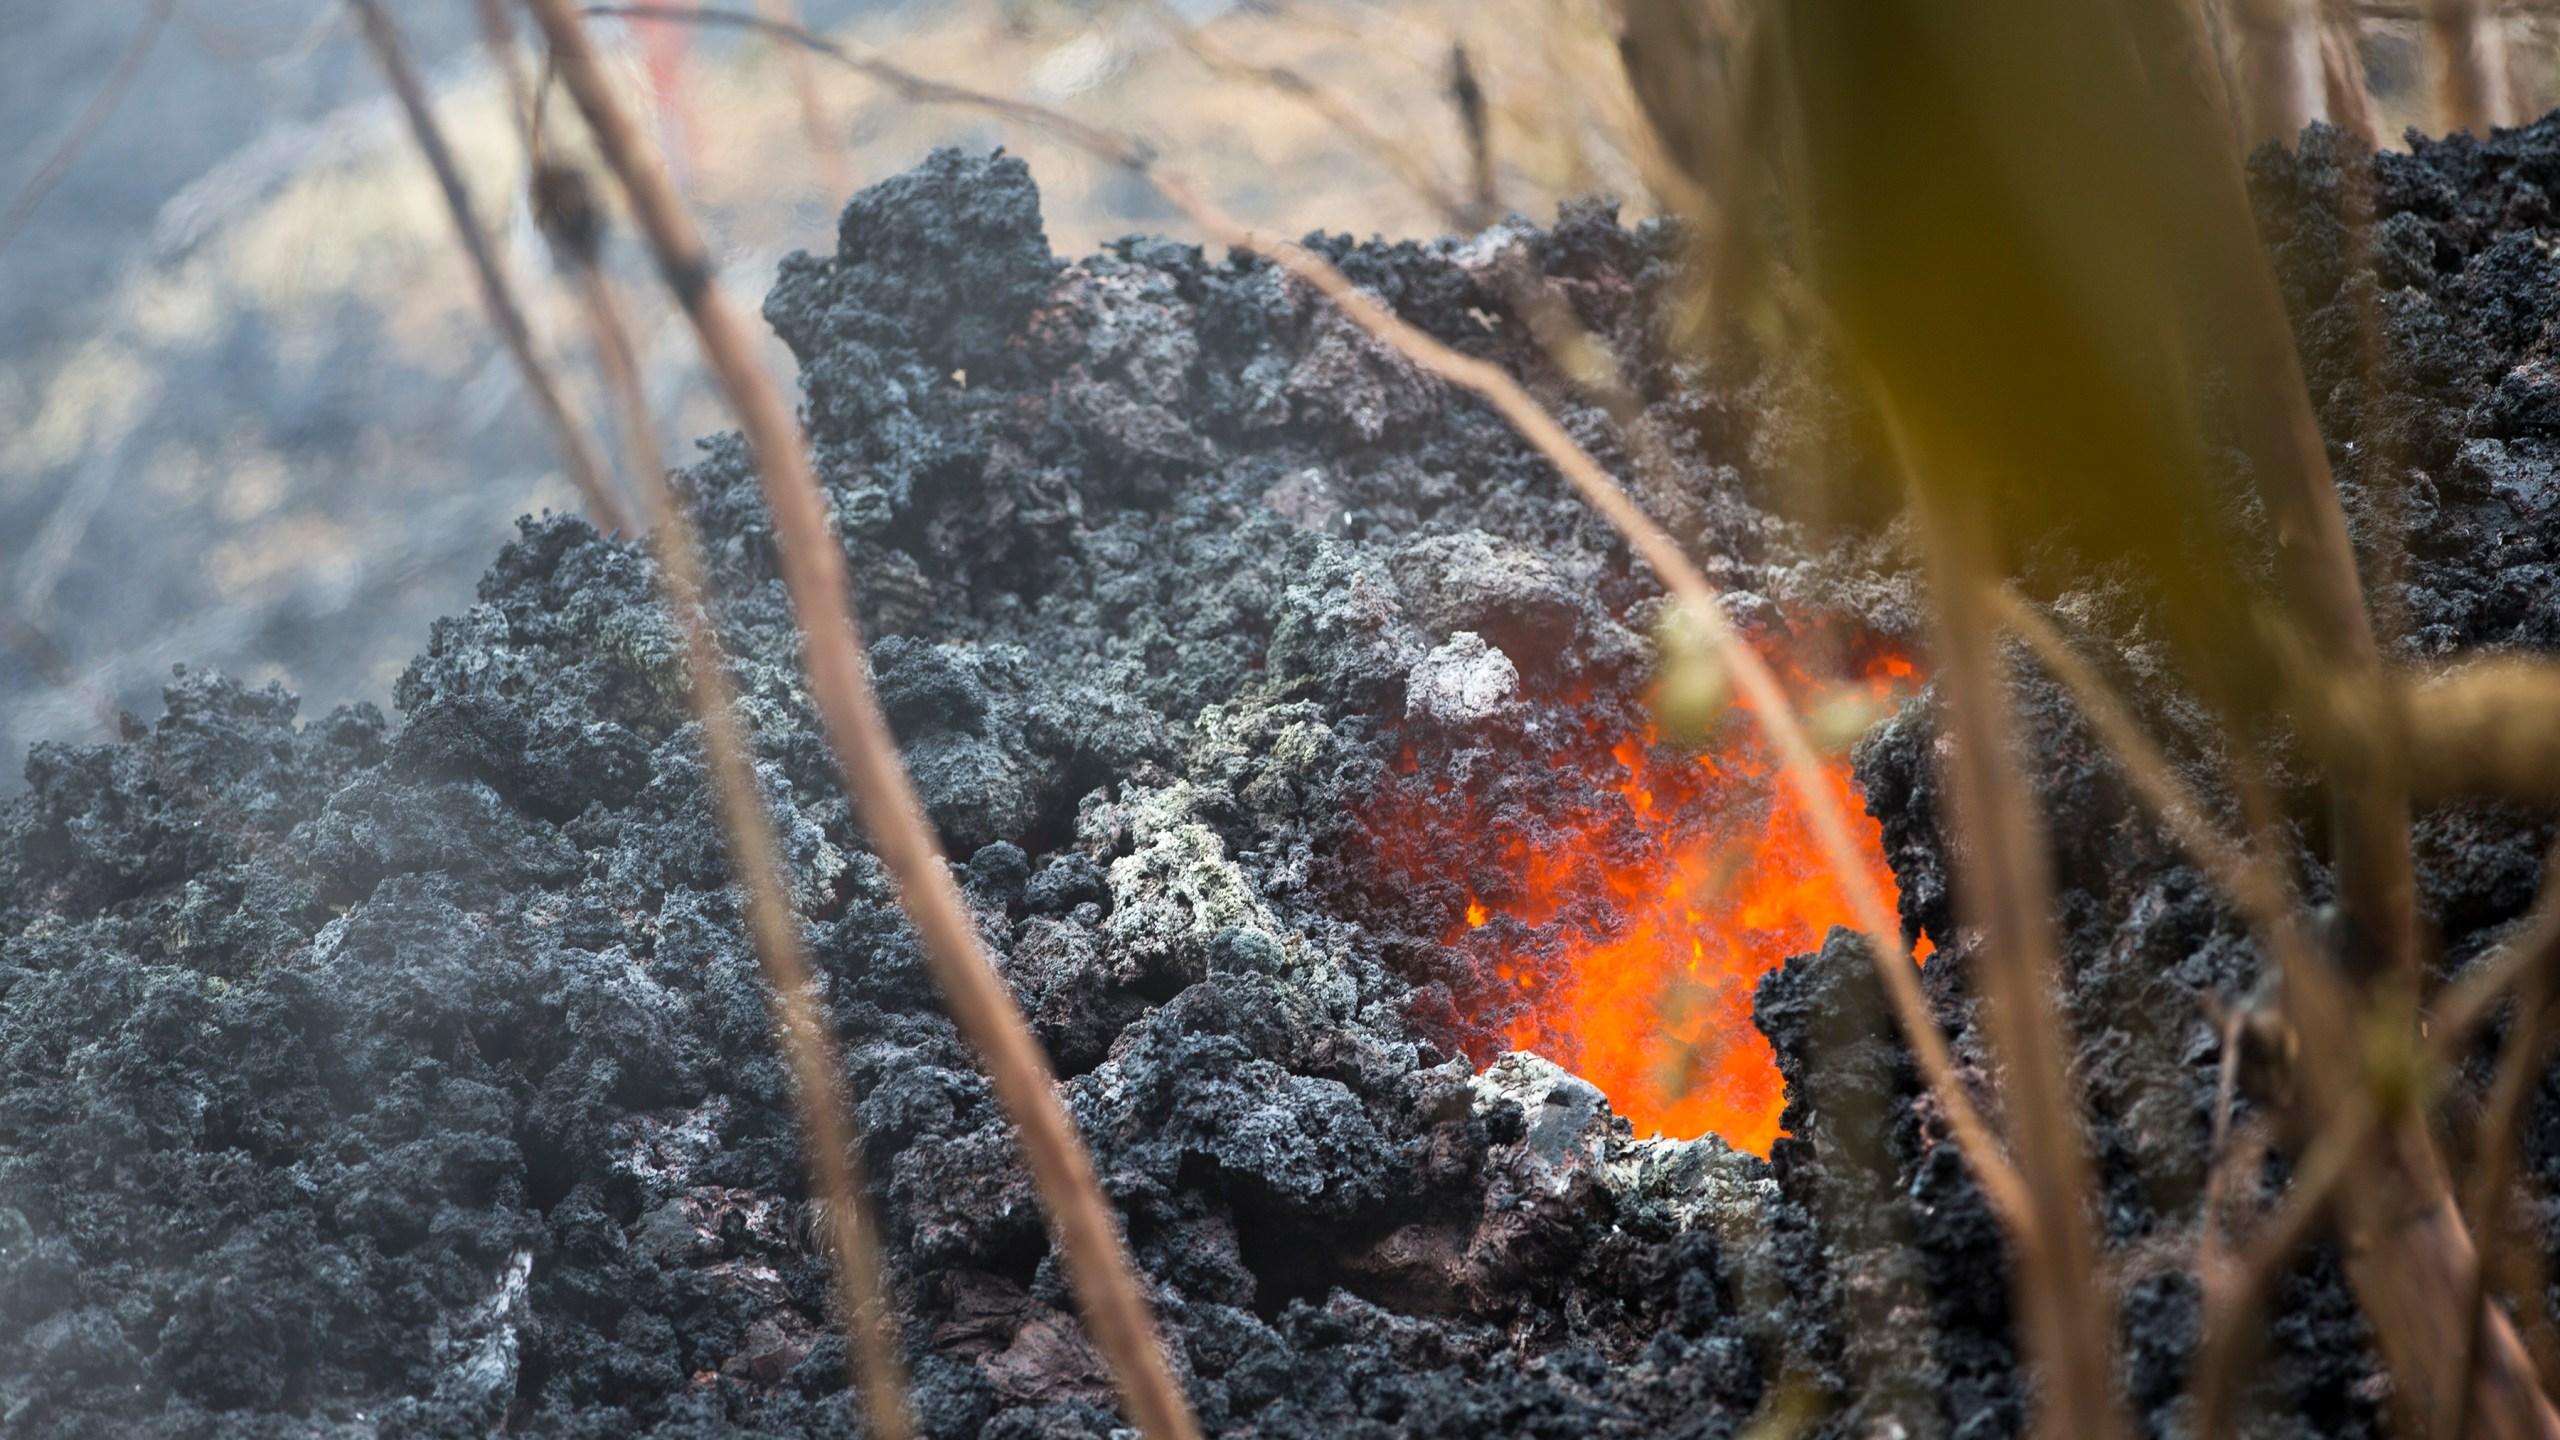 Hawaii_Volcano_66149-159532.jpg34319471